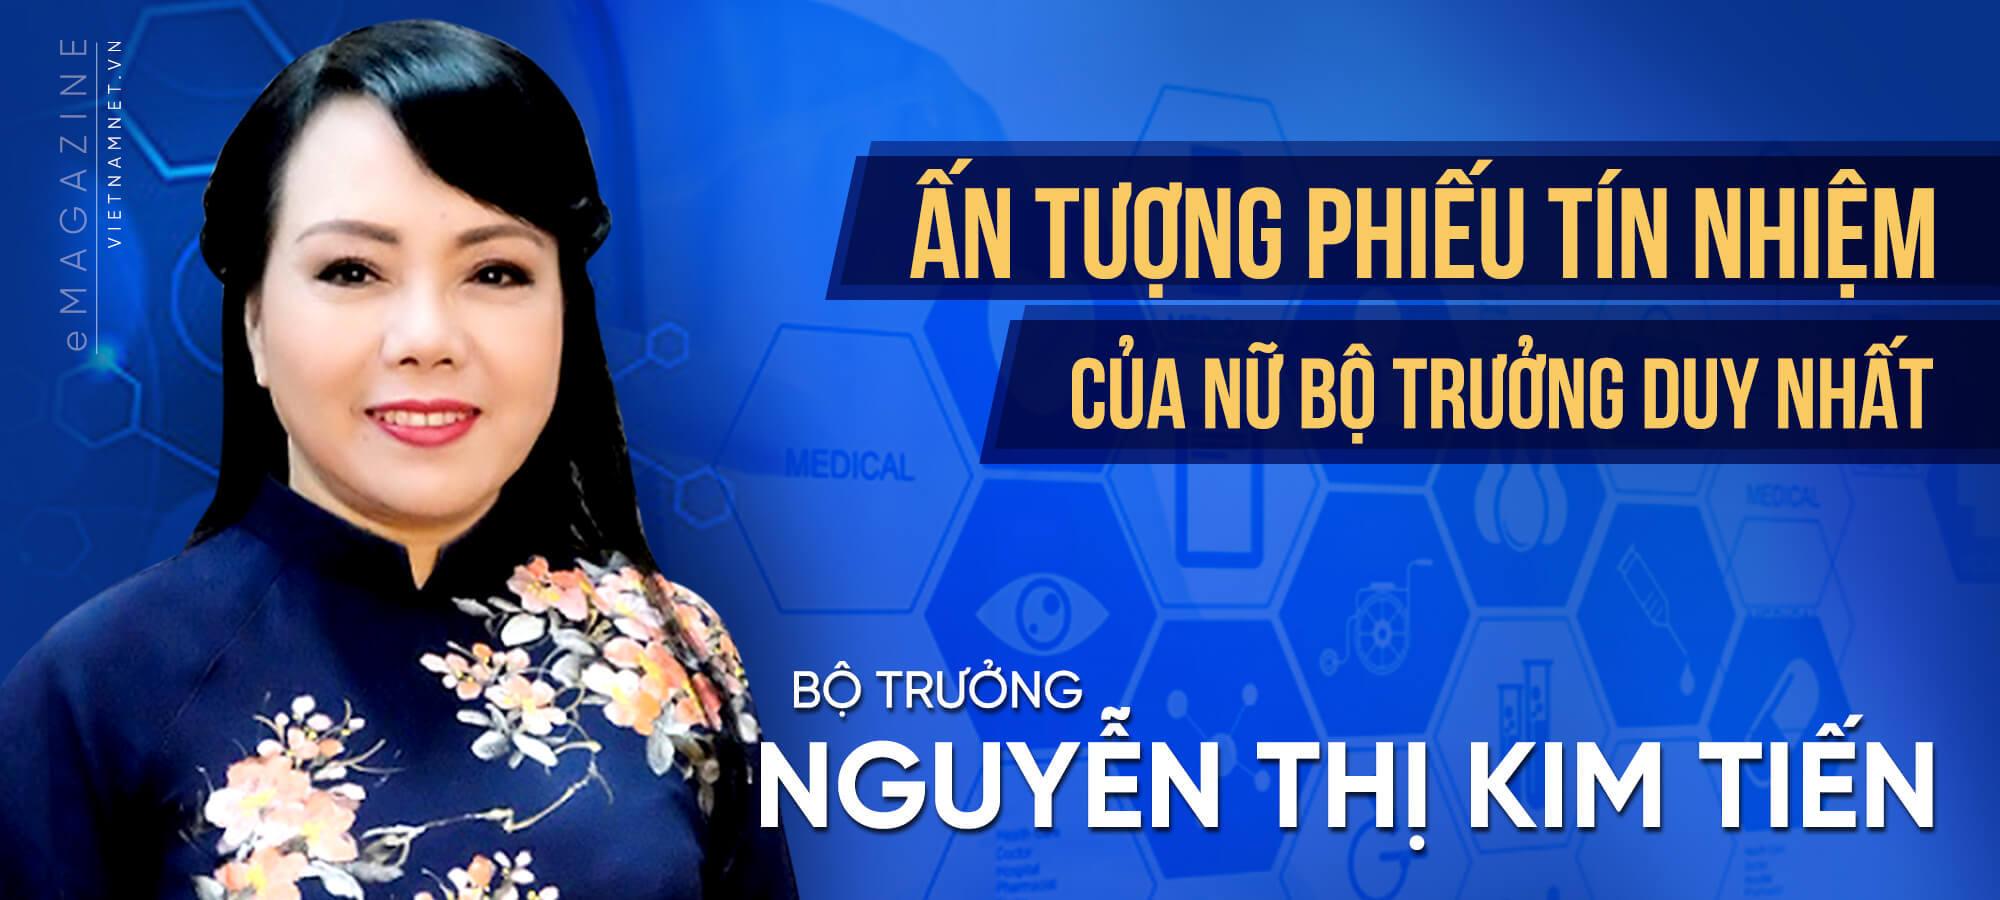 phiếu tín nhiệm,Bộ trưởng Y tế,Nguyễn Thị Kim Tiến,lấy phiếu tín nhiệm